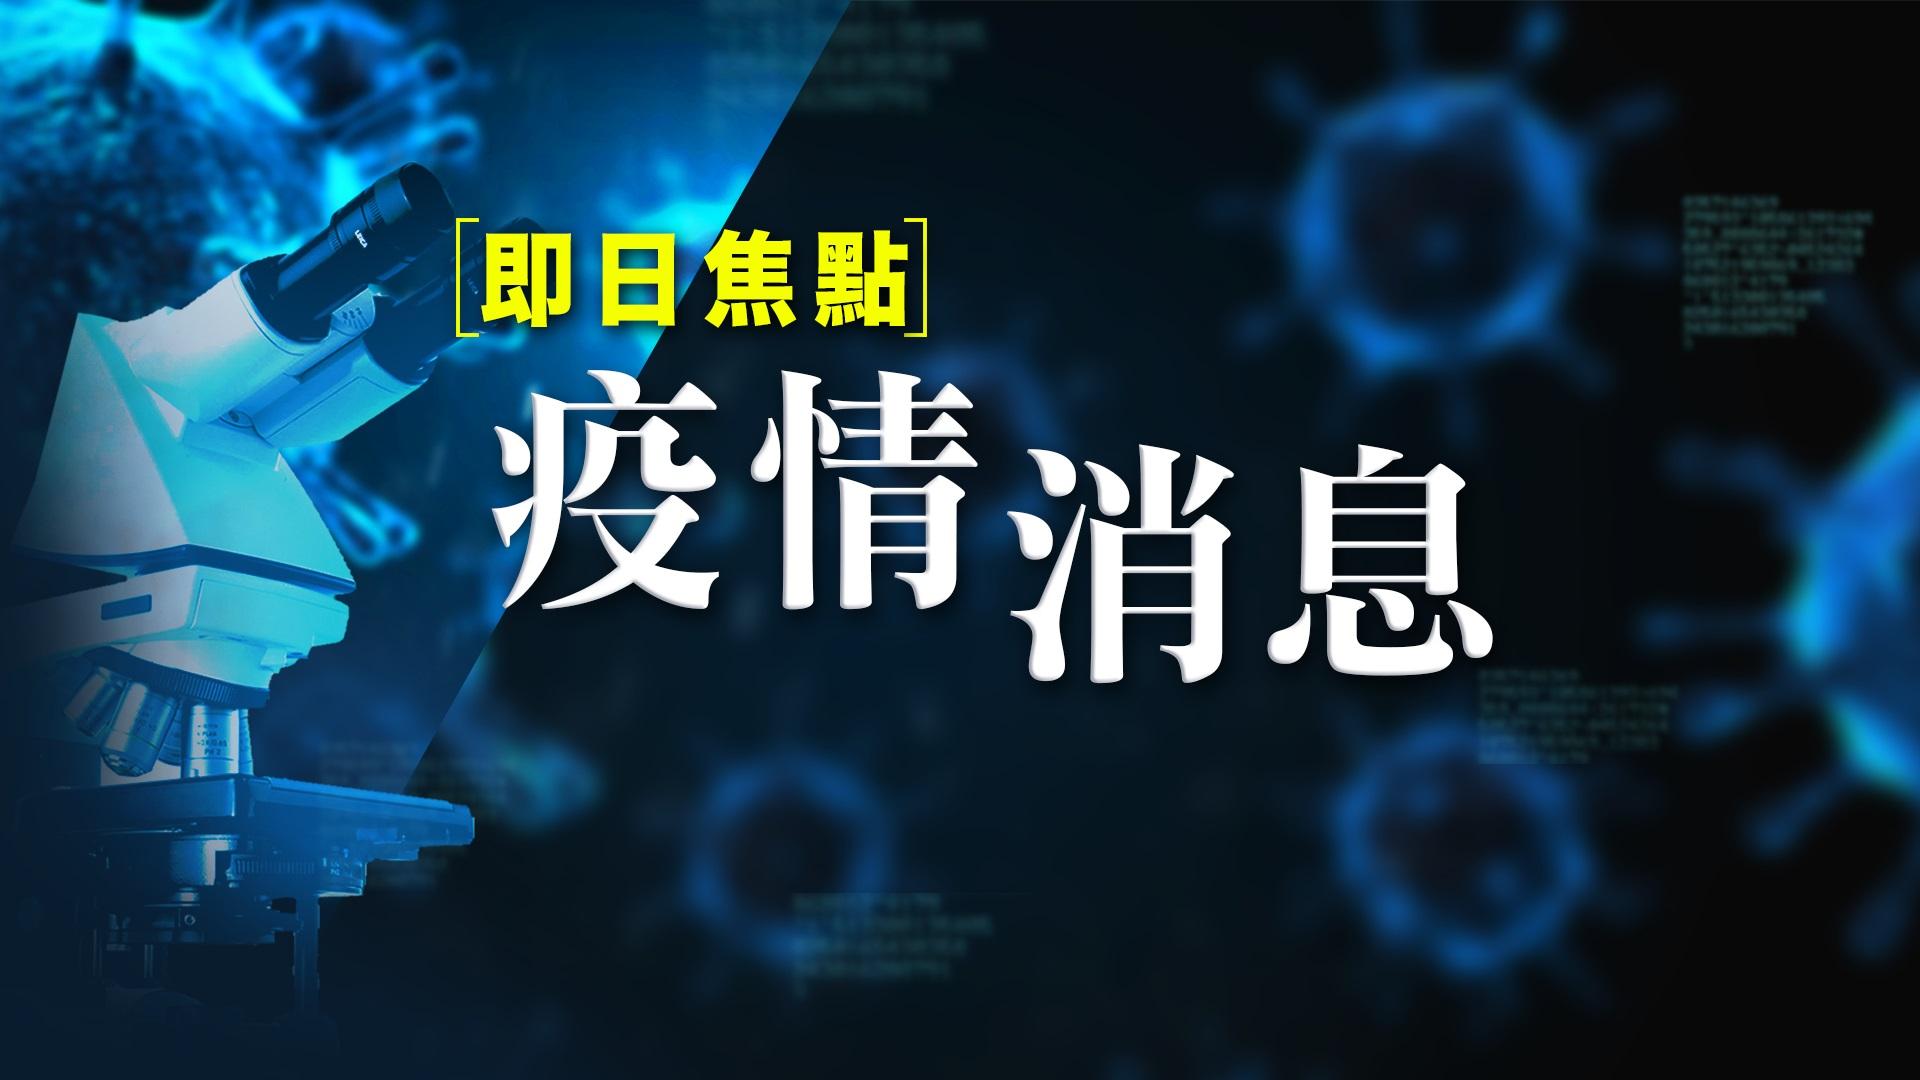 【即日焦點·疫情速報】公院個別部門限用N95口罩 醫管局指醫護自備裝備未必符合要求;安倍祝詞盼更多中國人訪日被指疫情敏感度不足